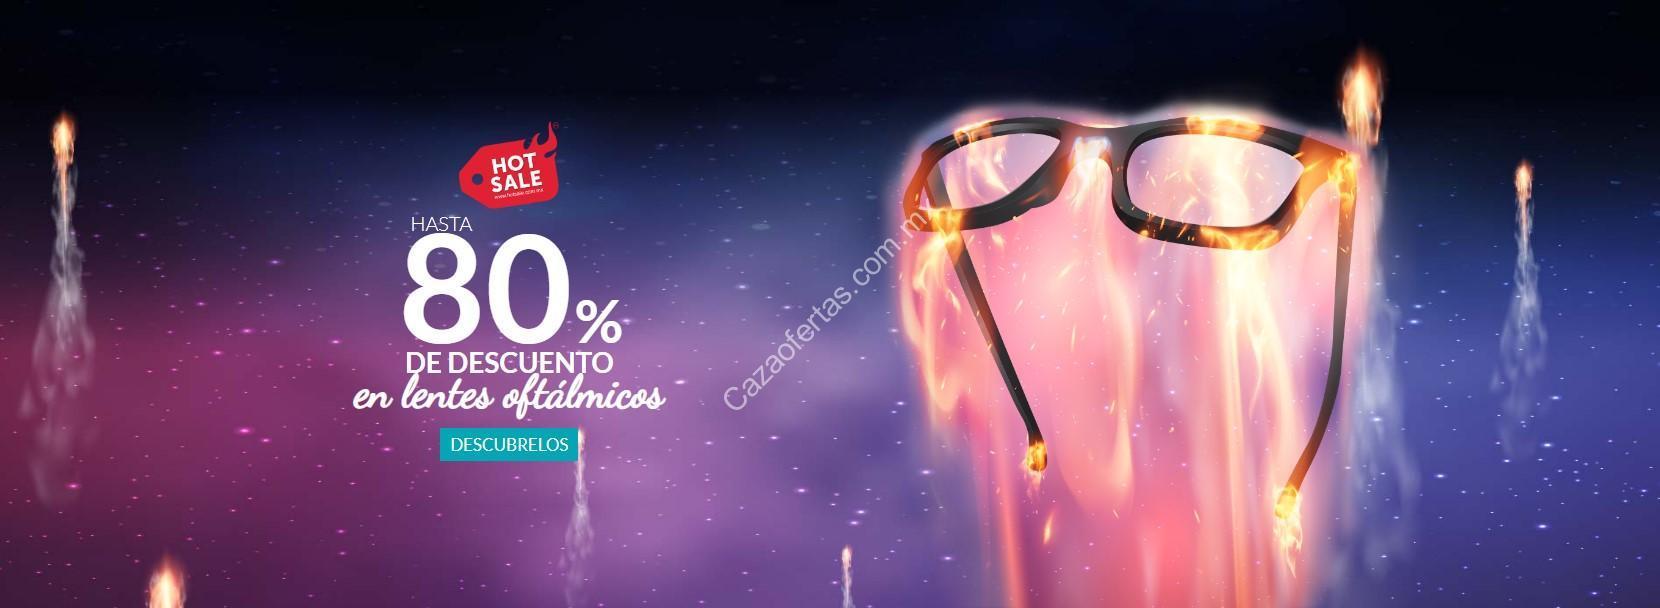 9a102abaea Imagen de la promo: Ofertas Ópticas Devlyn Hot Sale 2019: hasta 80% de